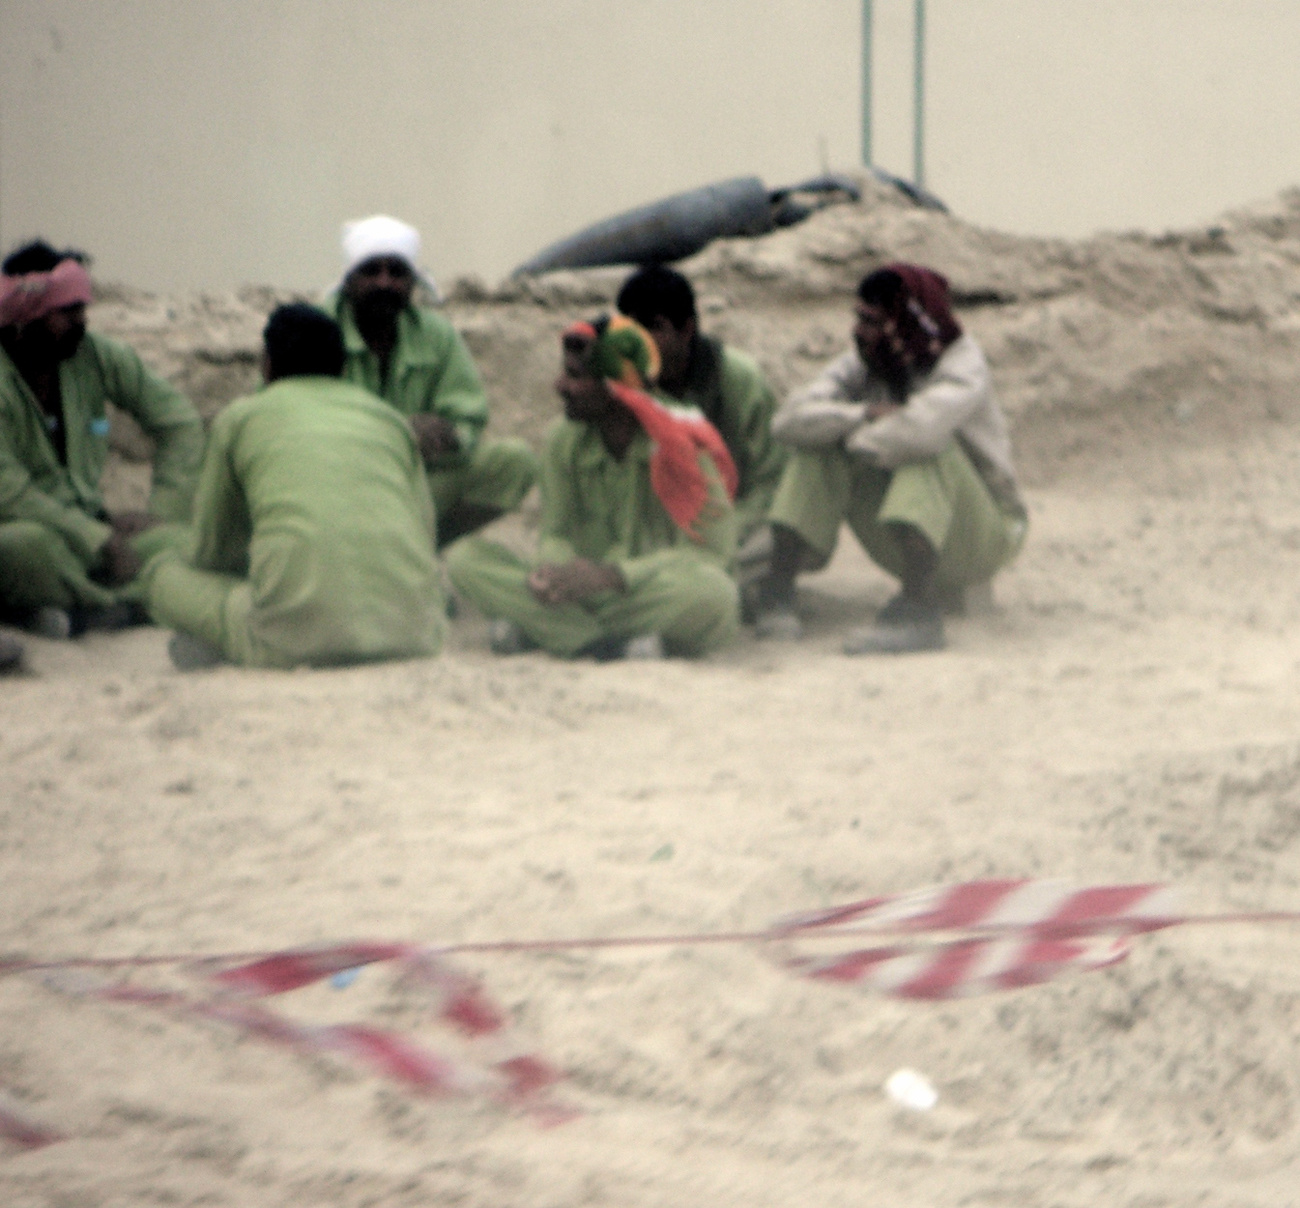 Lányok és fiúk némi arab giccs közepén sétálnak